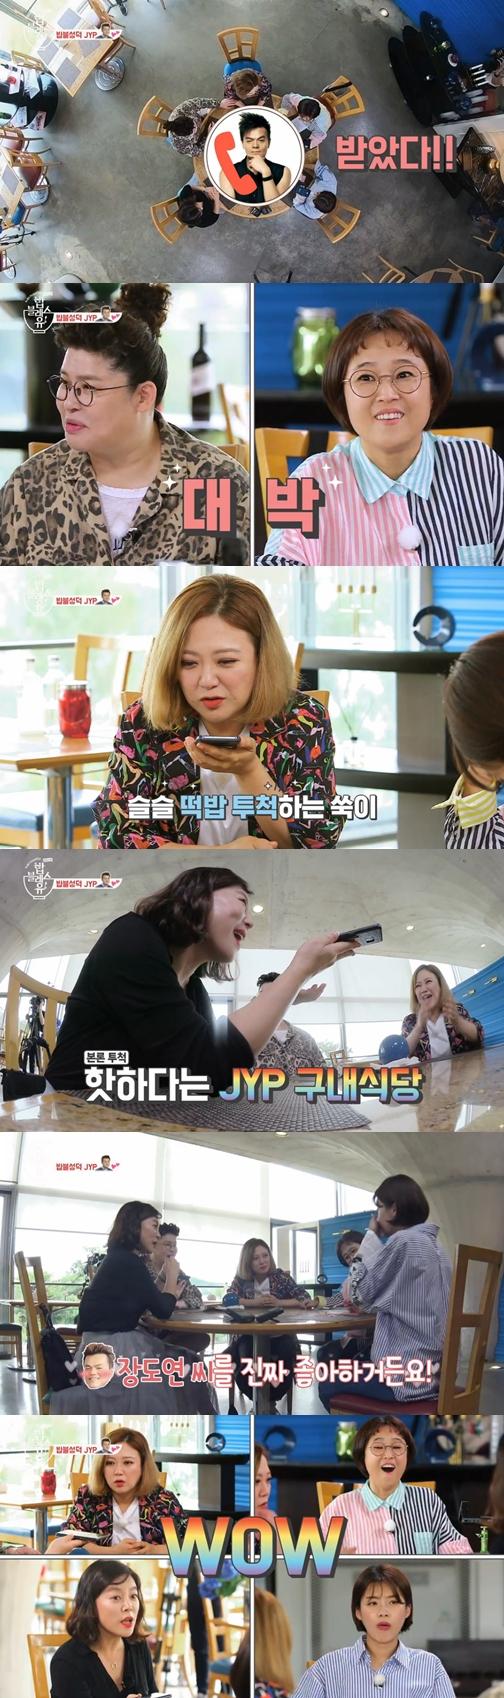 박진영, '밥블레스유' 약속 지켰다...JYP 구내식당 전격 공개